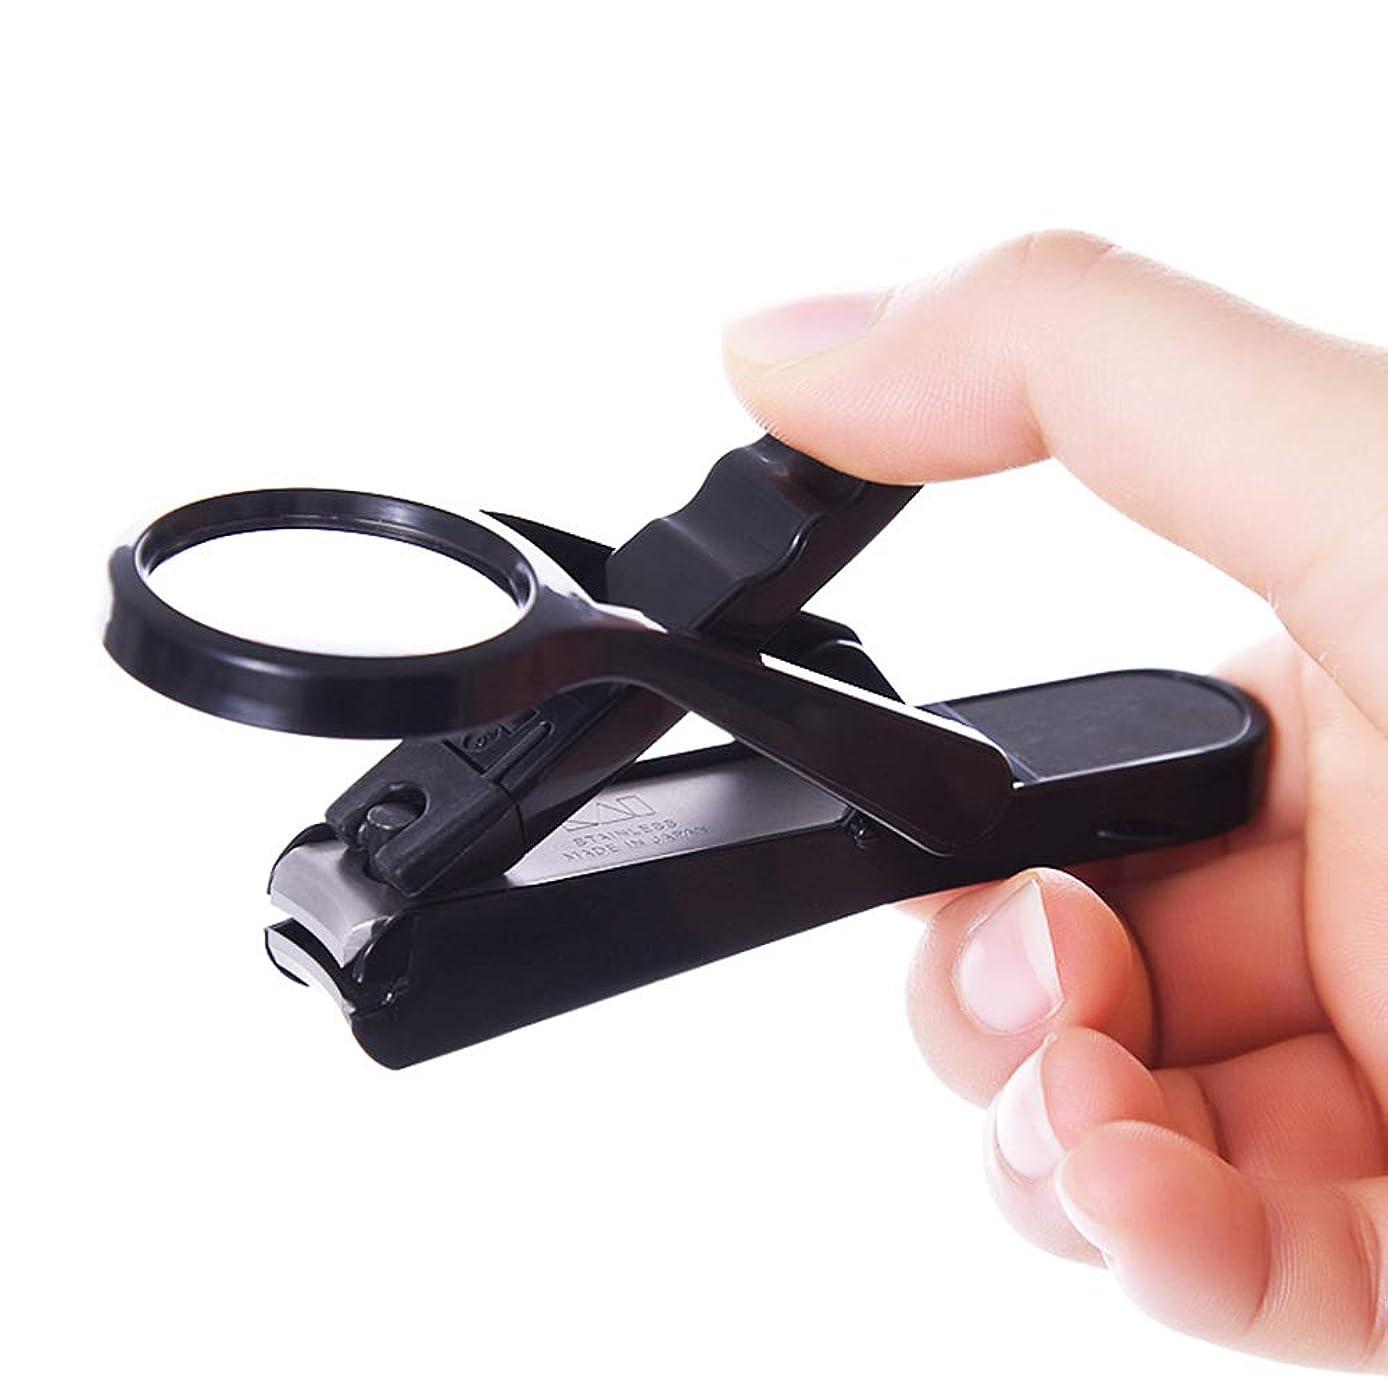 ブリッジ少年買うネイルニッパー, 爪クリッパー老人とベビーセーフネイルケアデラックスネイルクリッパー拡大鏡付き 厚くまたは陥入した足指の爪用